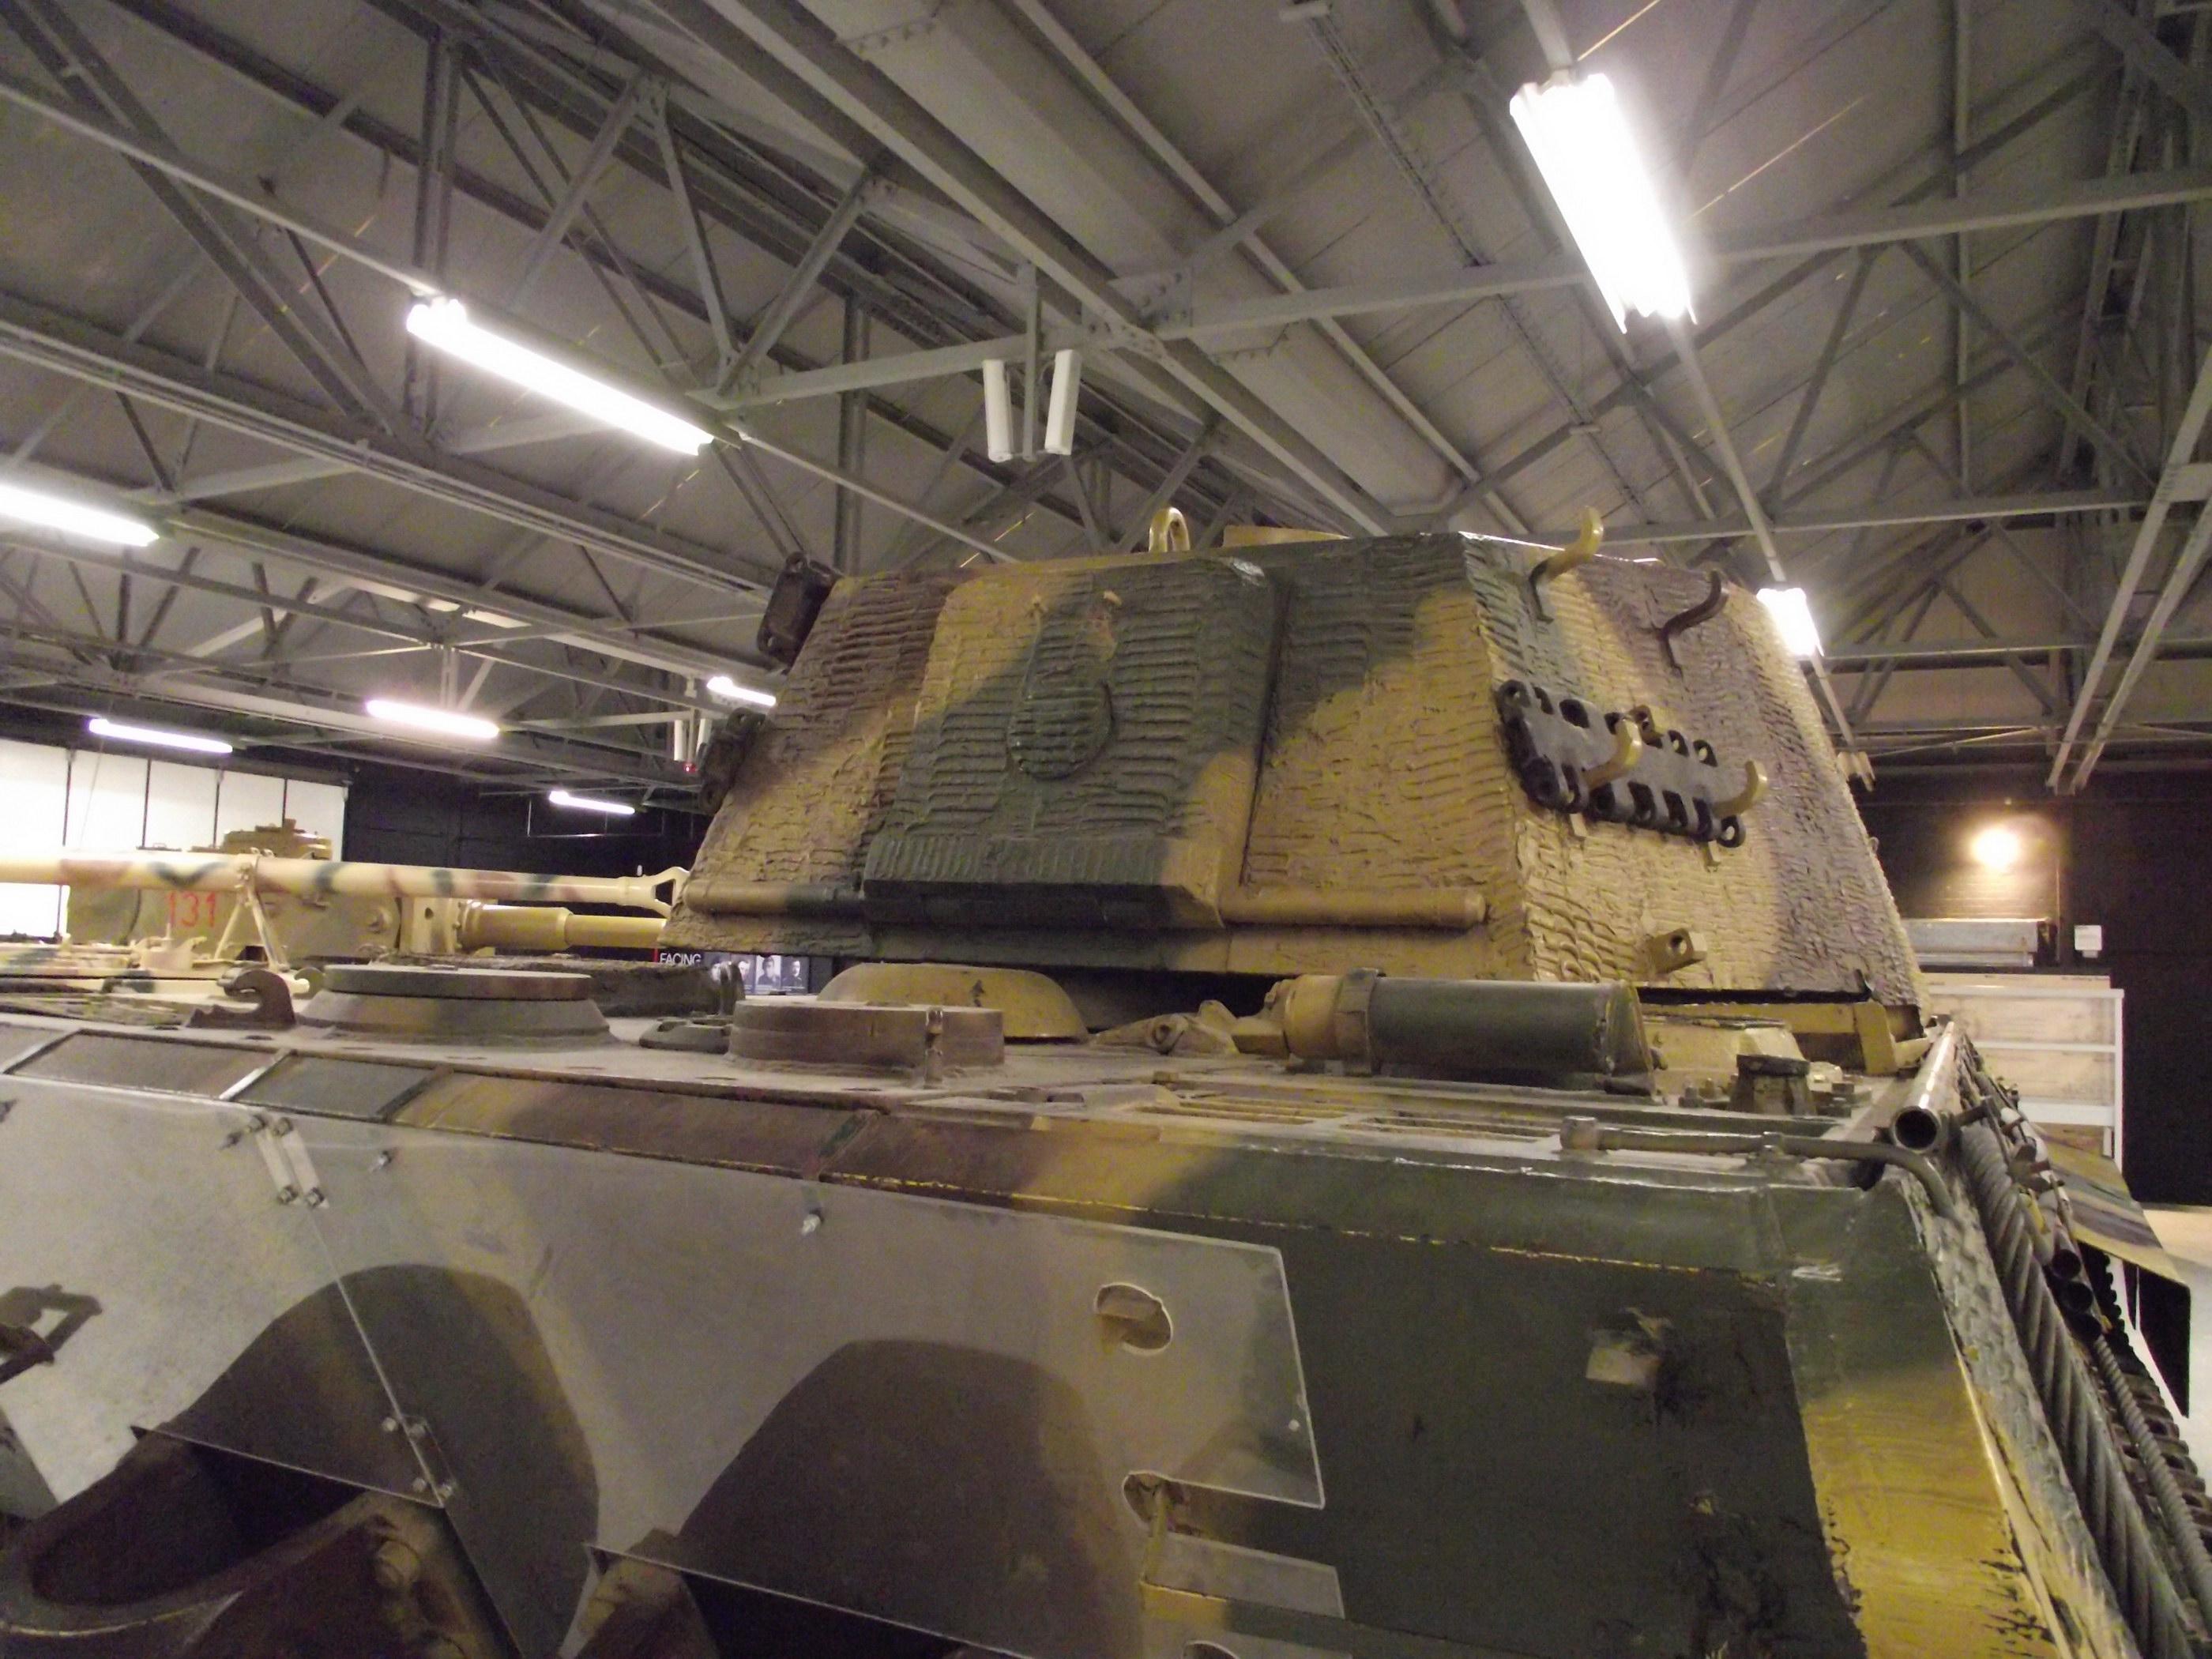 Tank_Museum_20180919_187.jpg